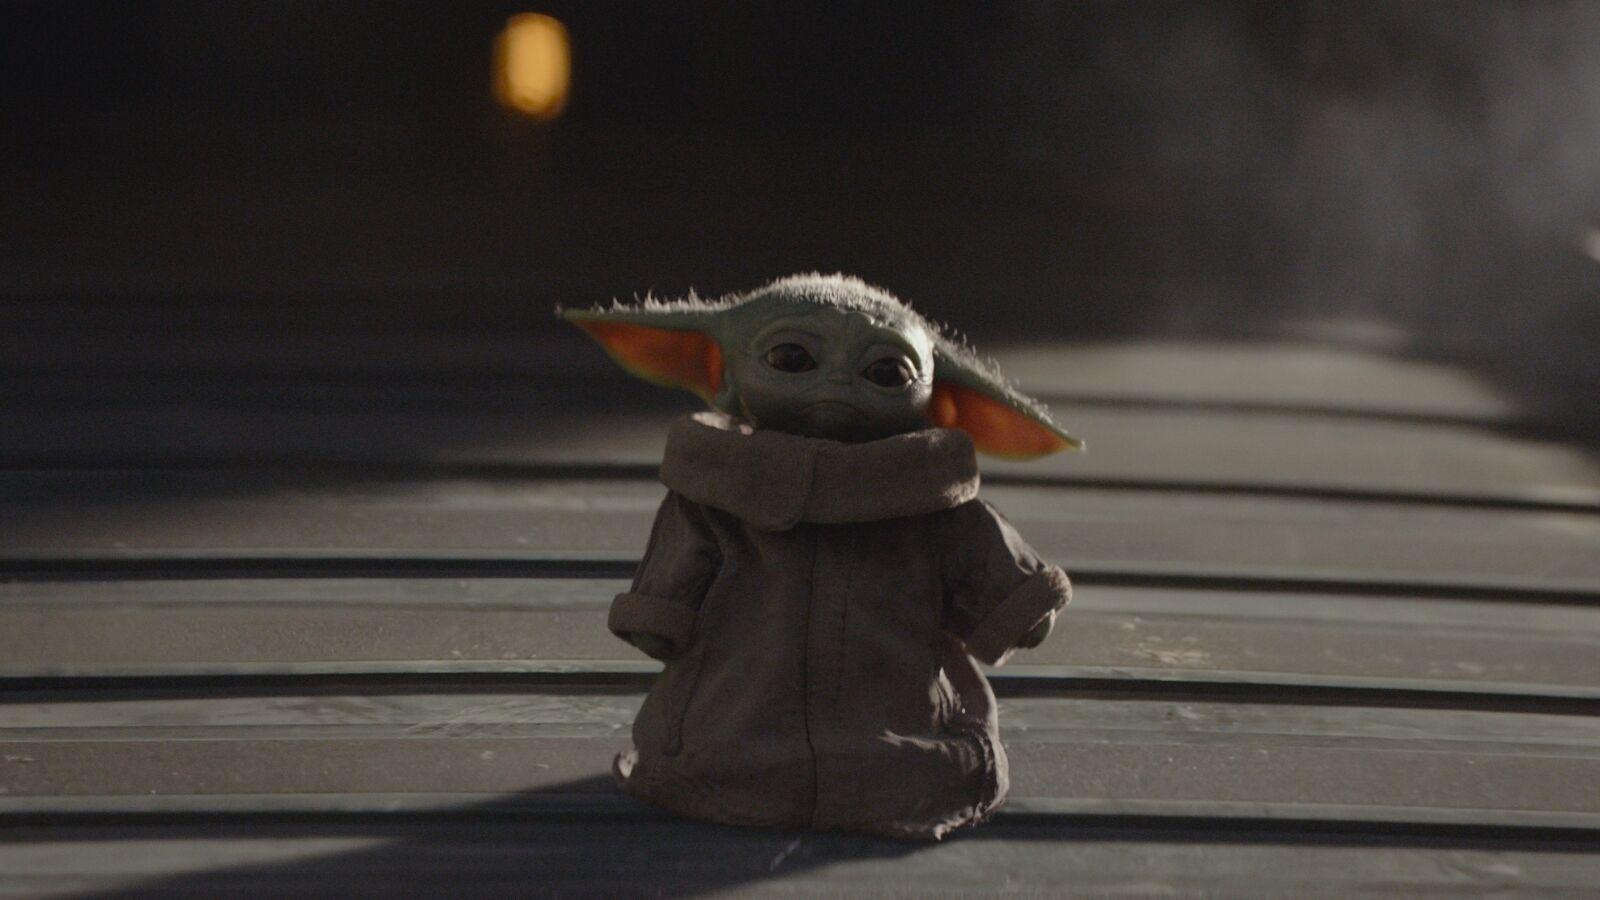 Don't worry: The Mandalorian will explore Baby Yoda's backstory